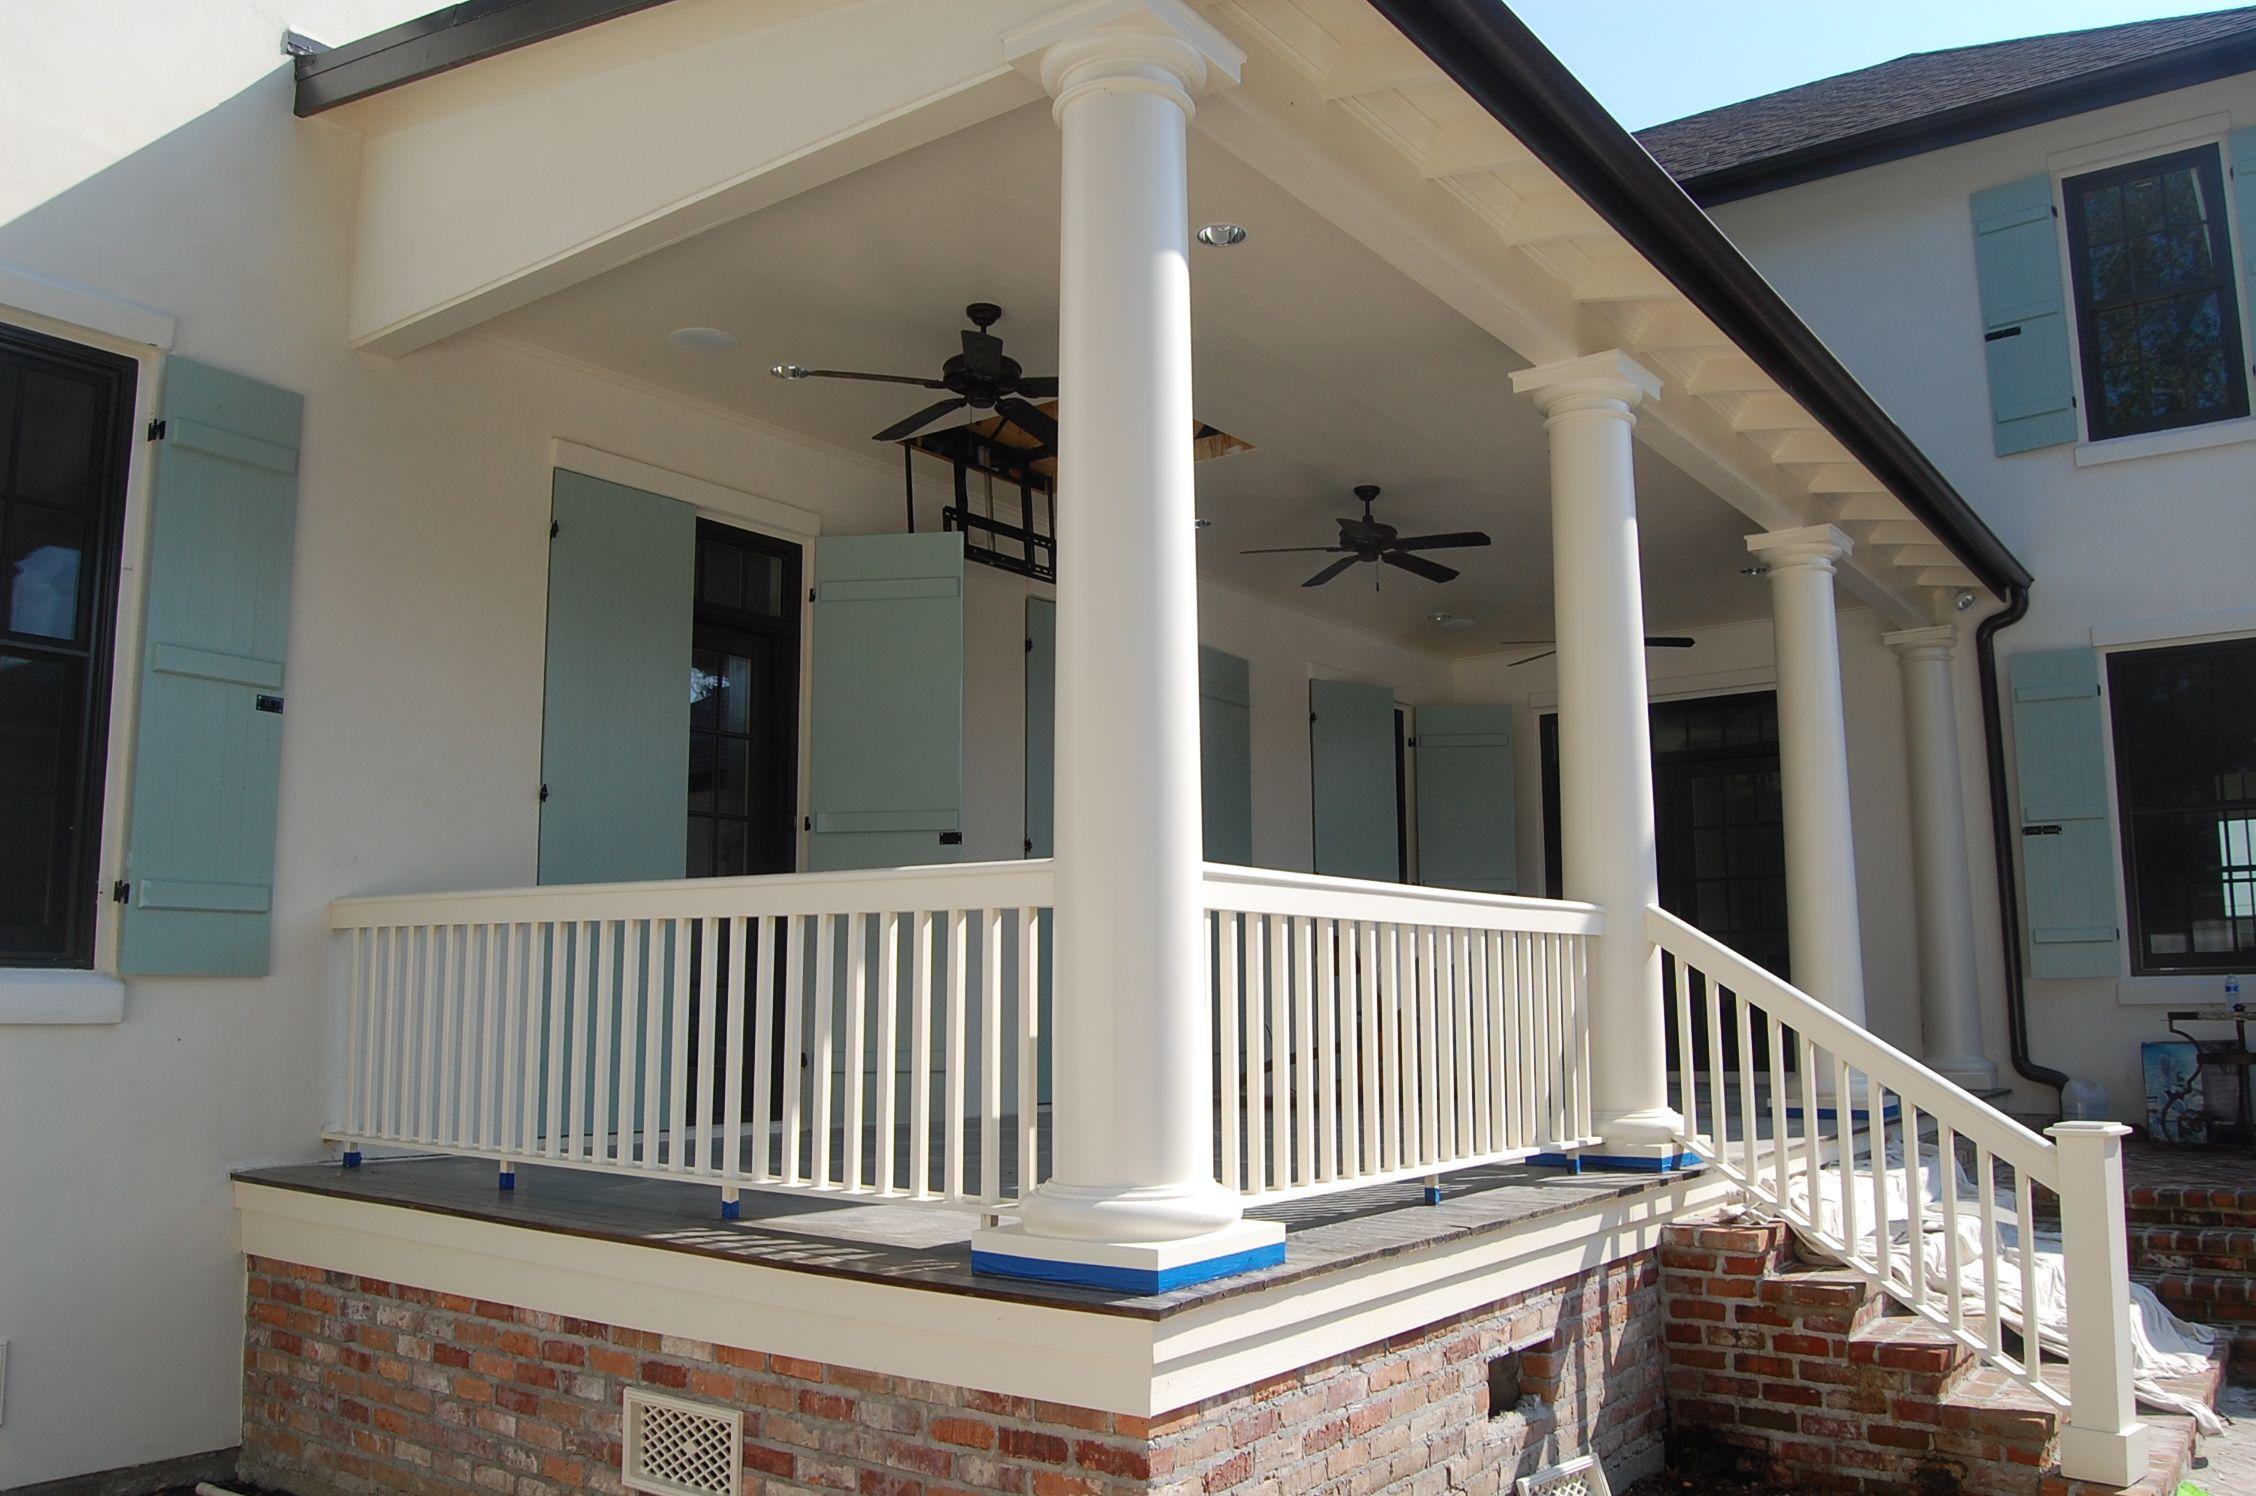 Top Acadian Cottage Style Home - 33cce5d3ba43e4e062ca14de0a60eb86  Picture_18692.jpg